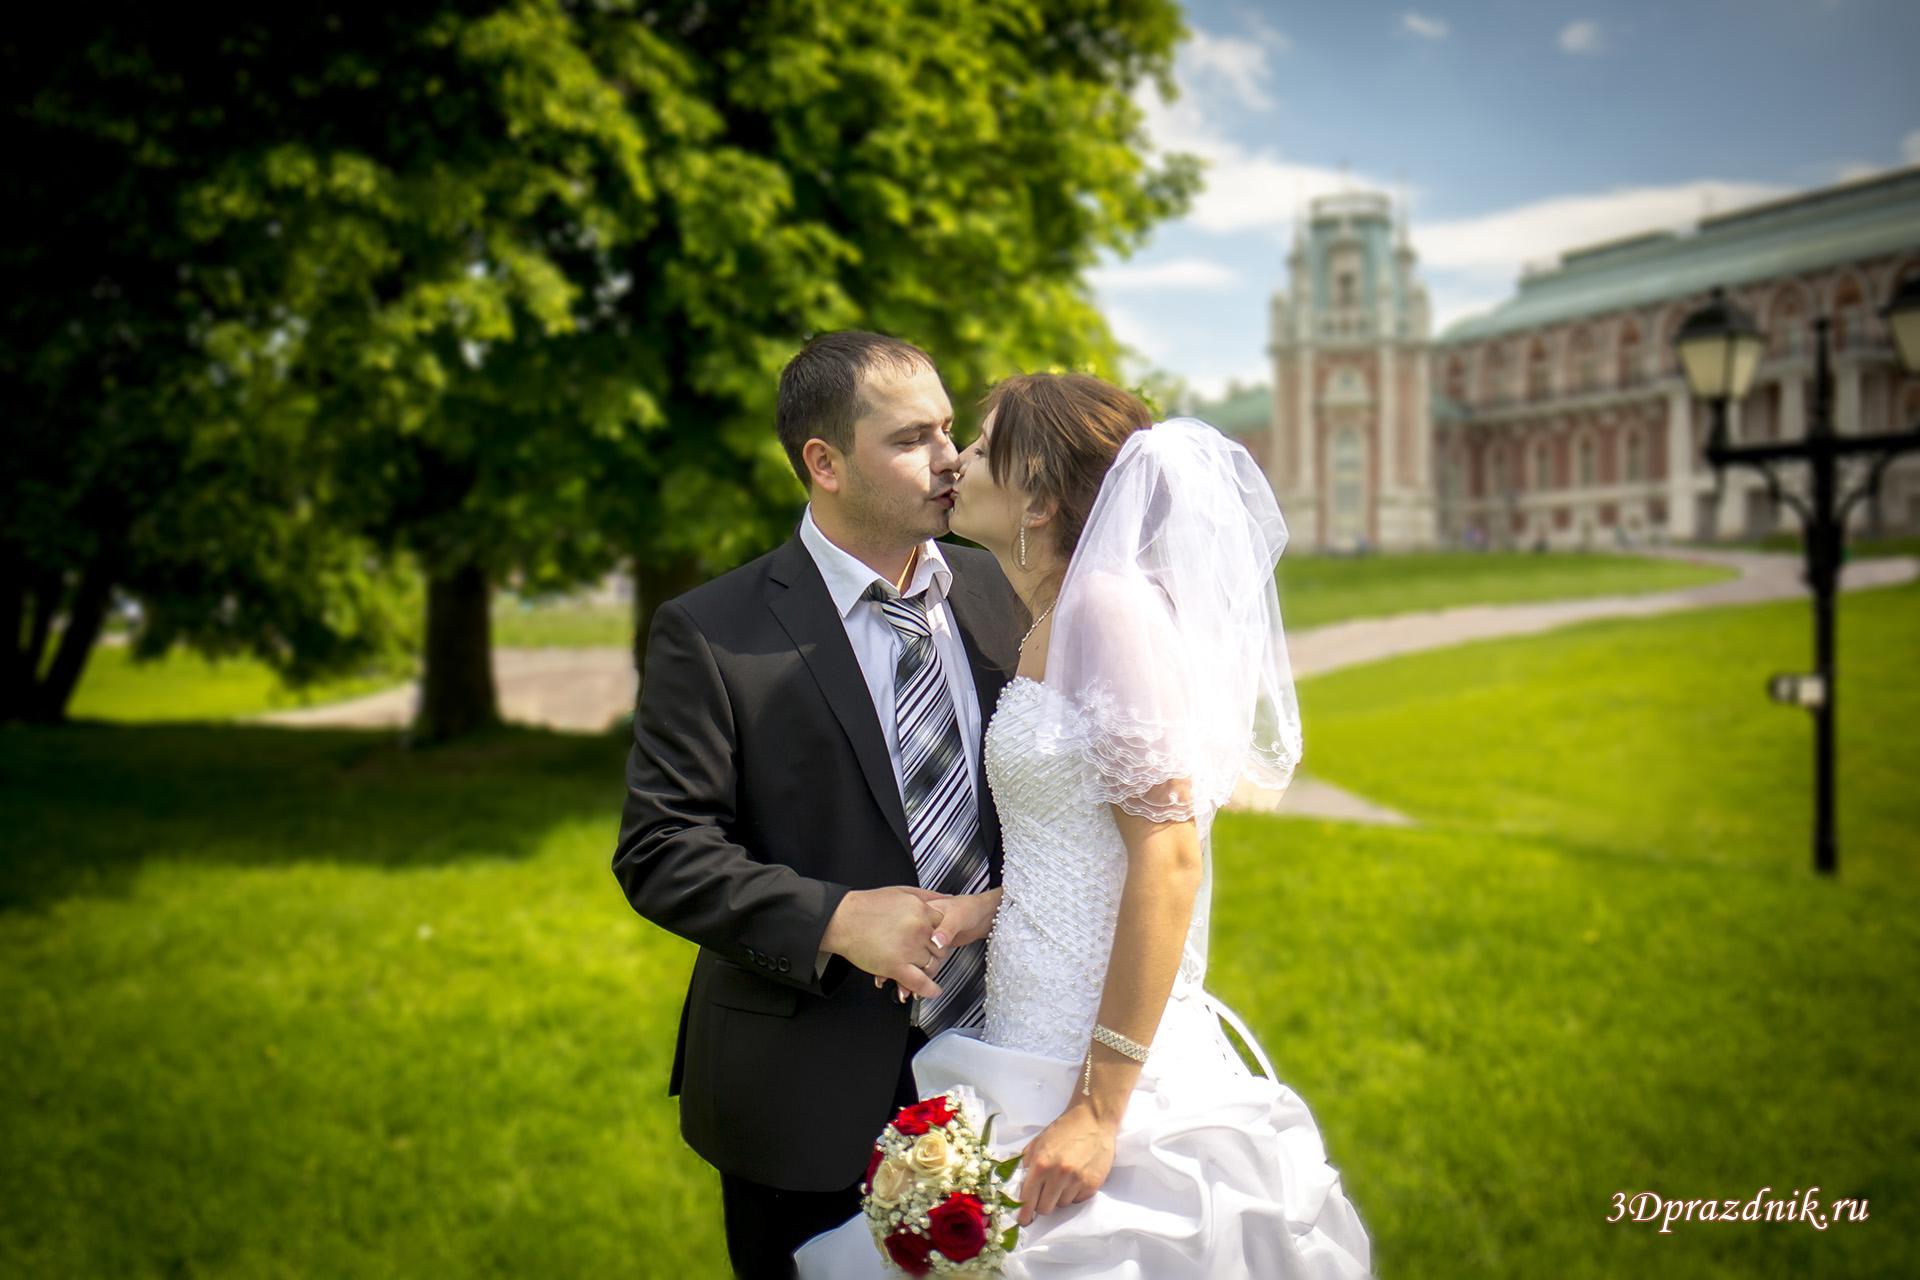 Сергей и Ольга свадебный поцелуй.